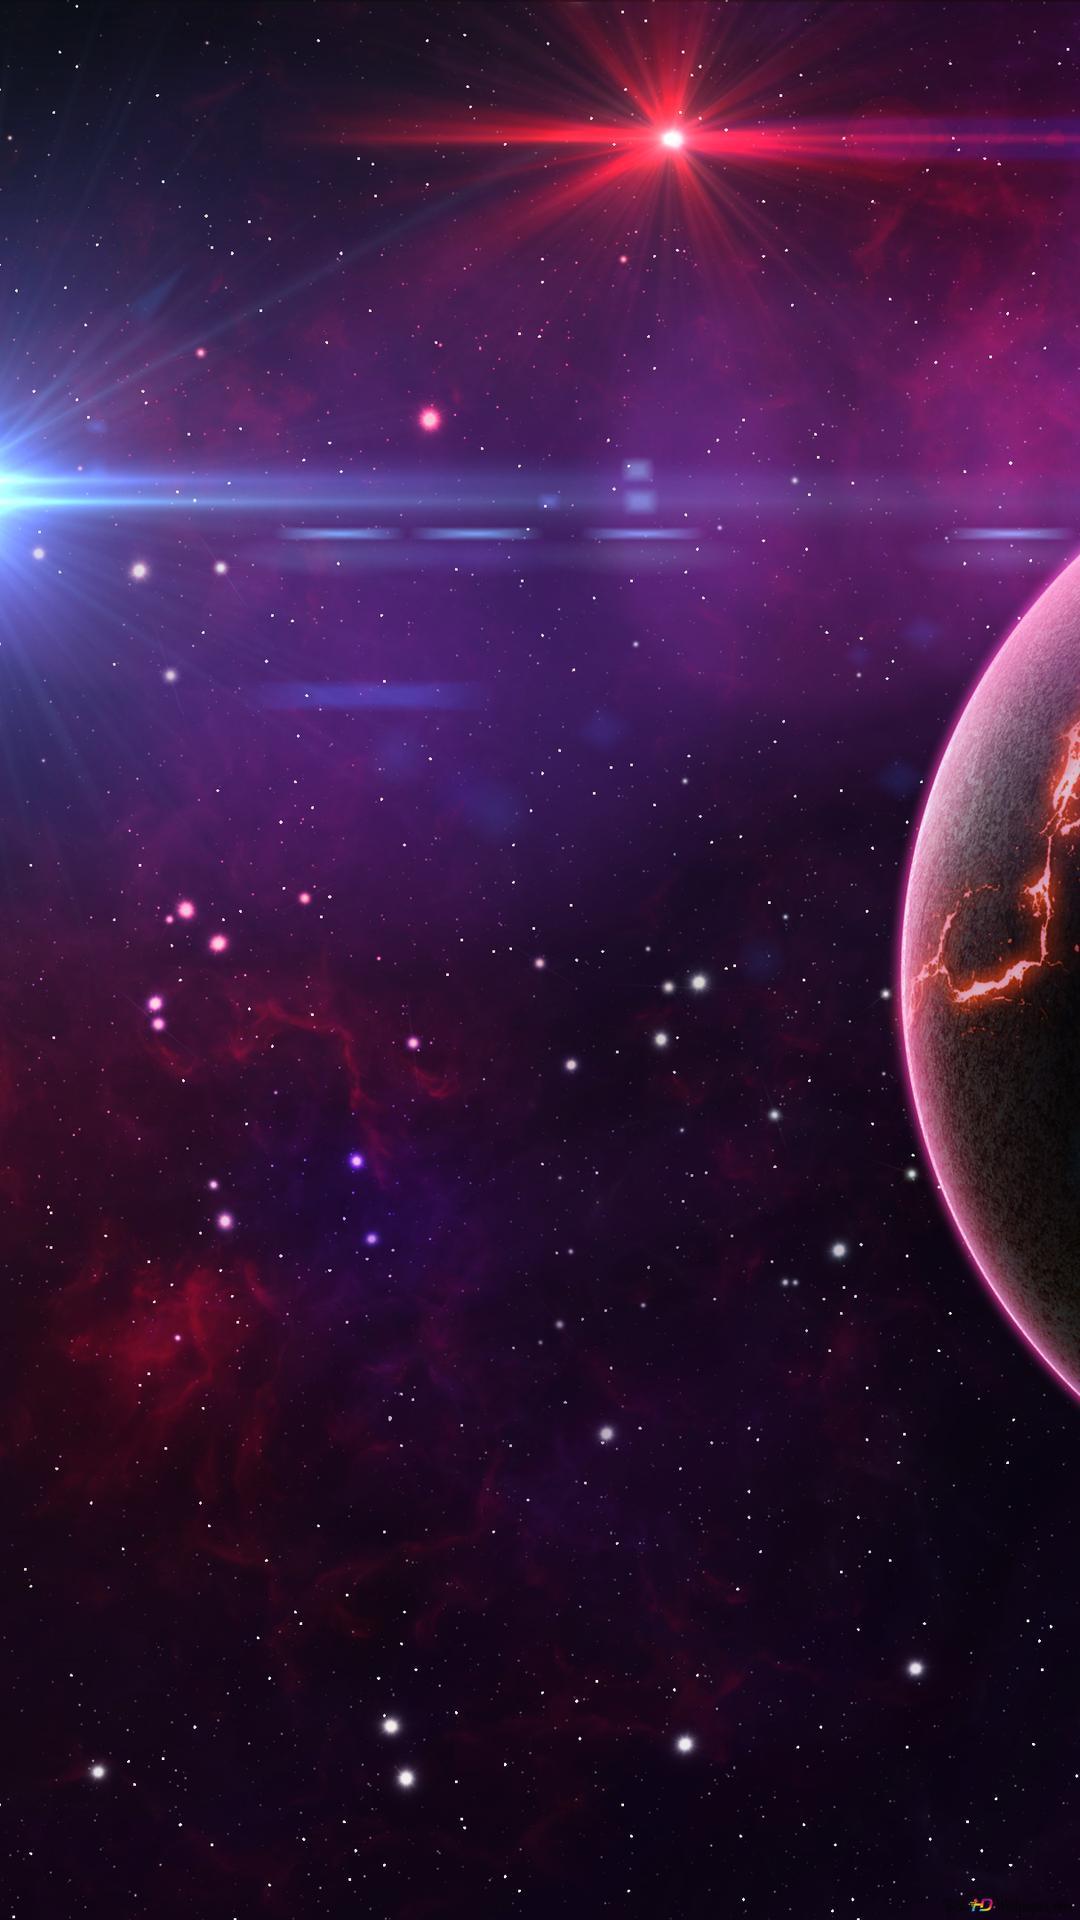 宇宙の星 Hd壁紙のダウンロード